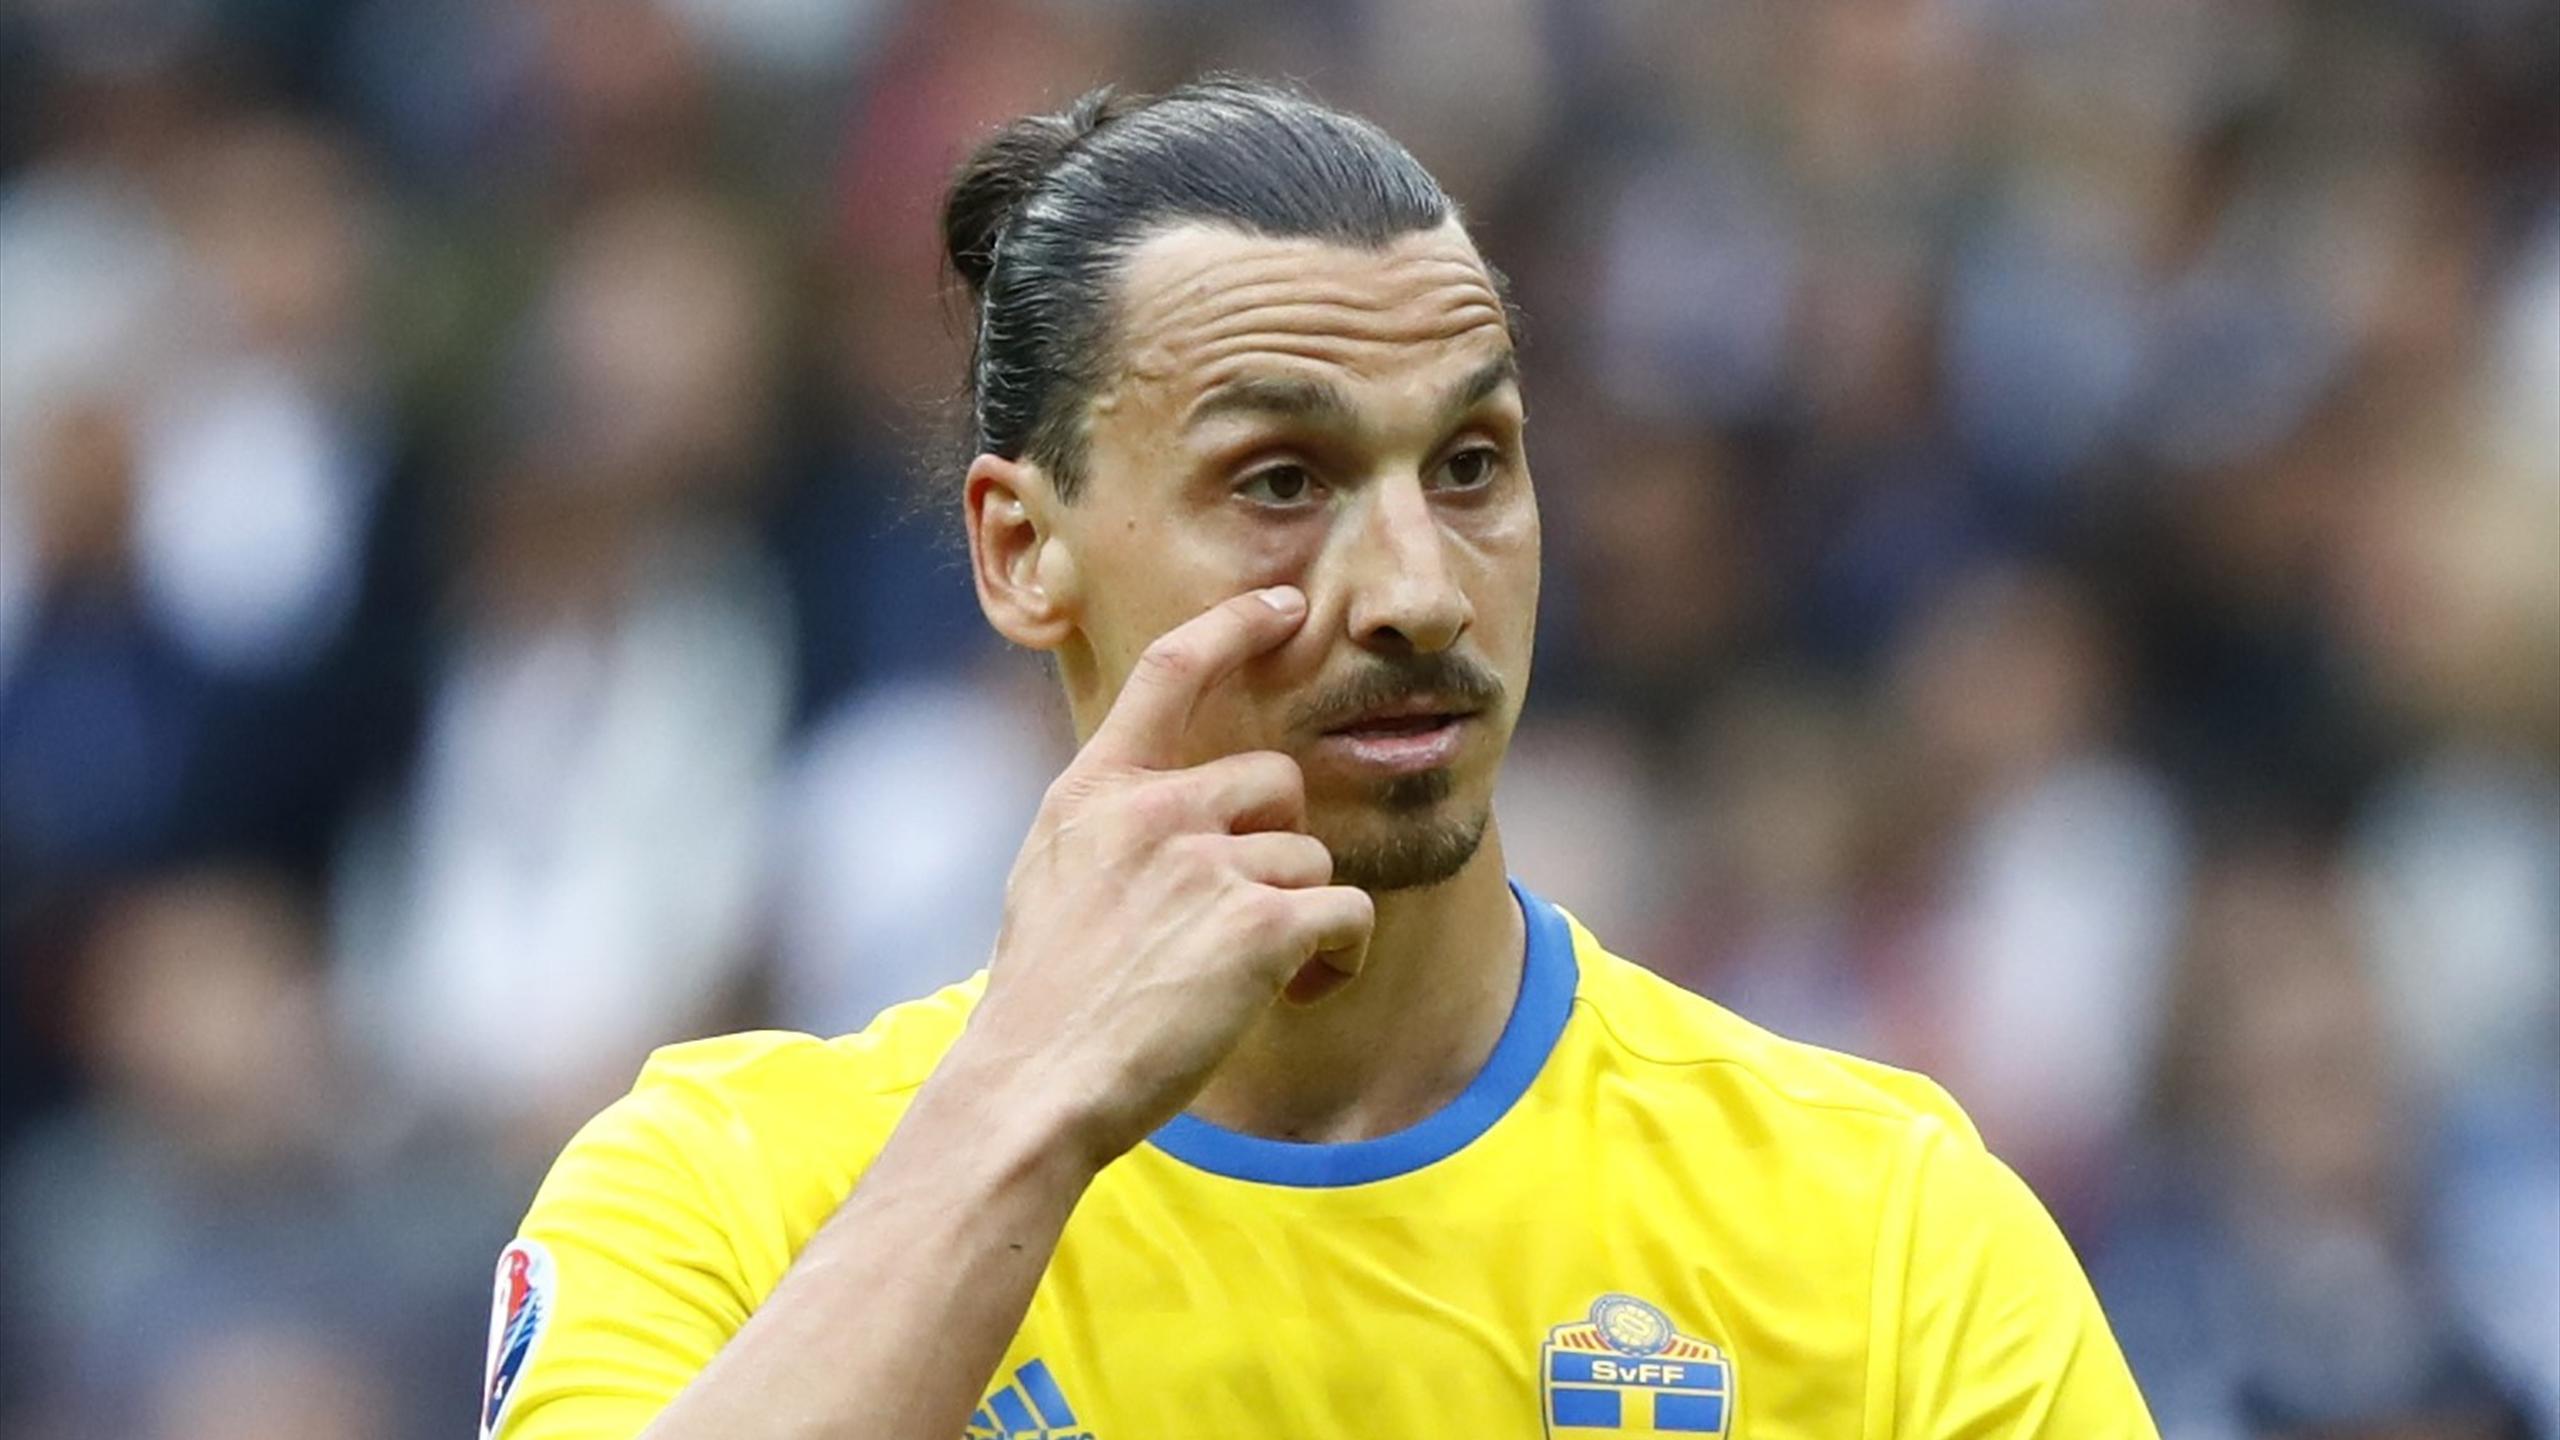 Zlatan Ibrahimovic (Suède) contre l'Eire à l'Euro 2016